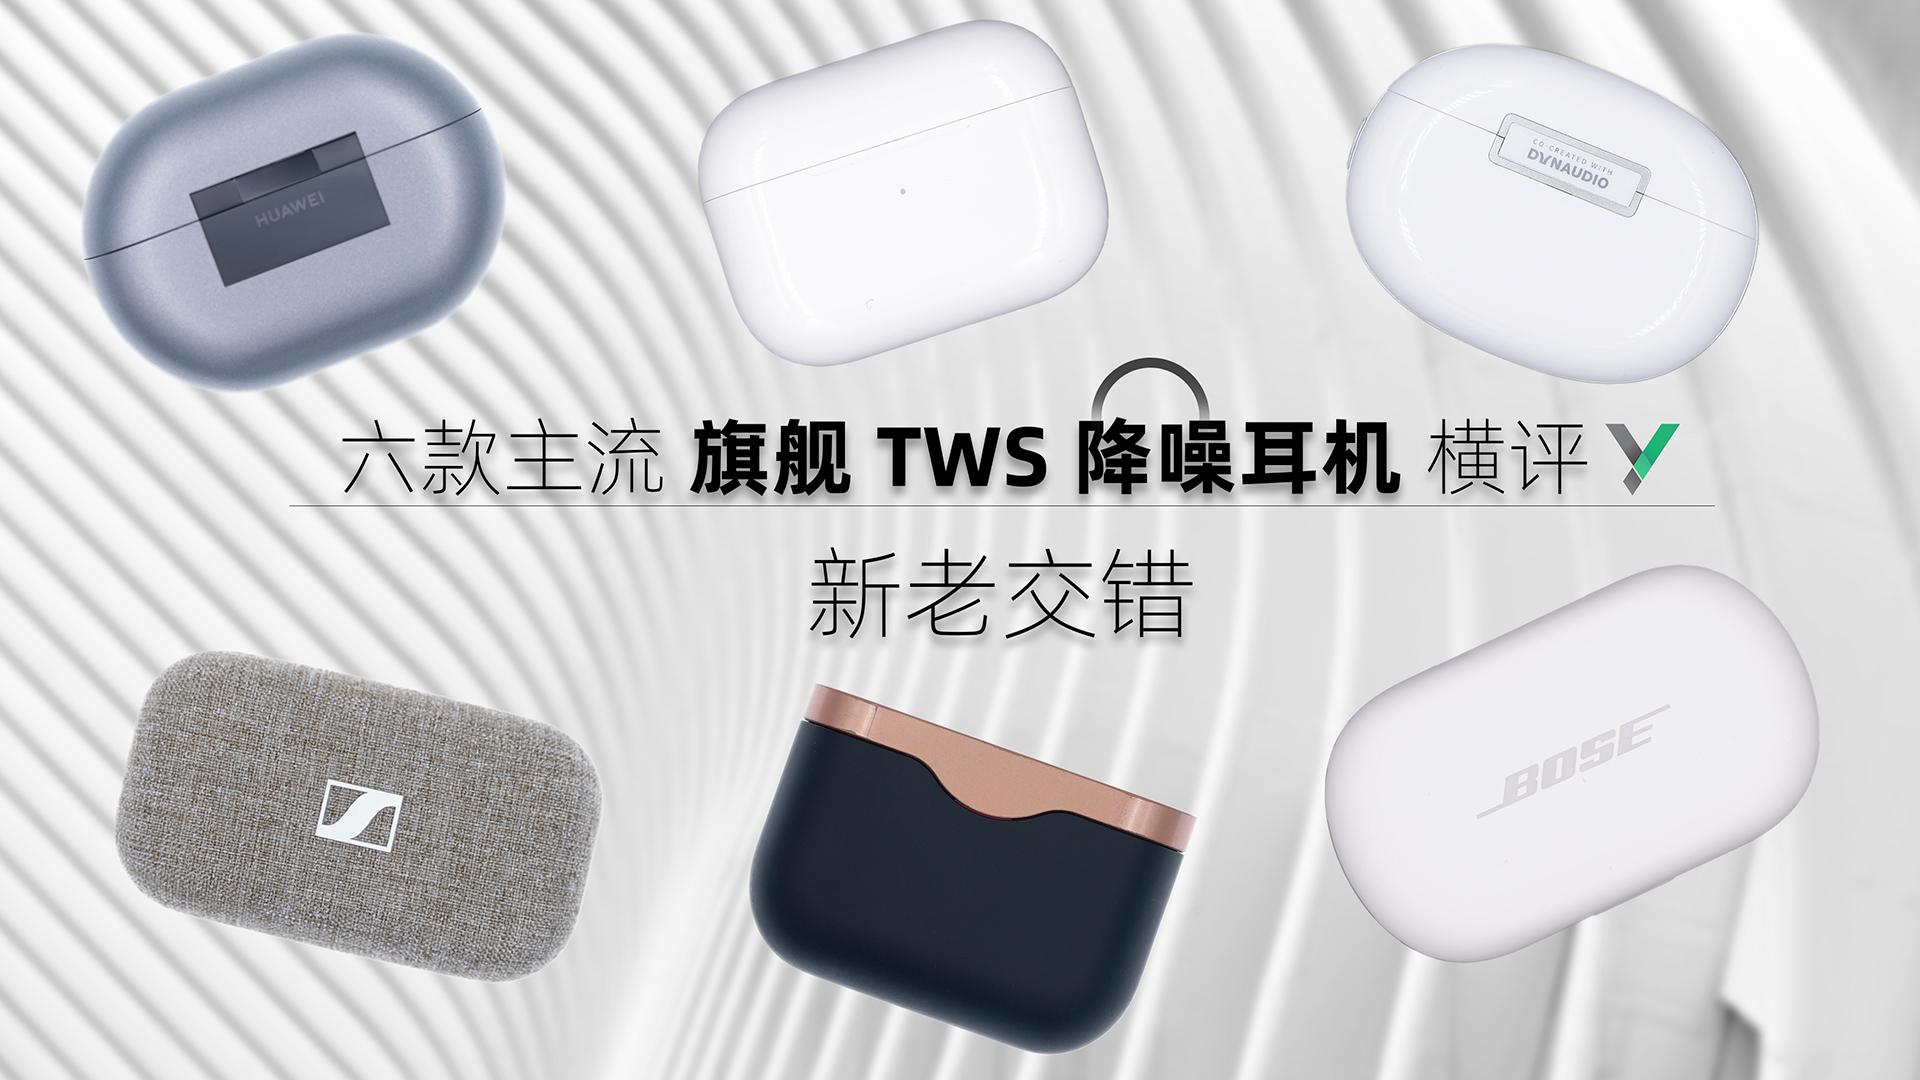 【享比】六款旗舰TWS降噪耳机横评:新老交替,群雄逐鹿